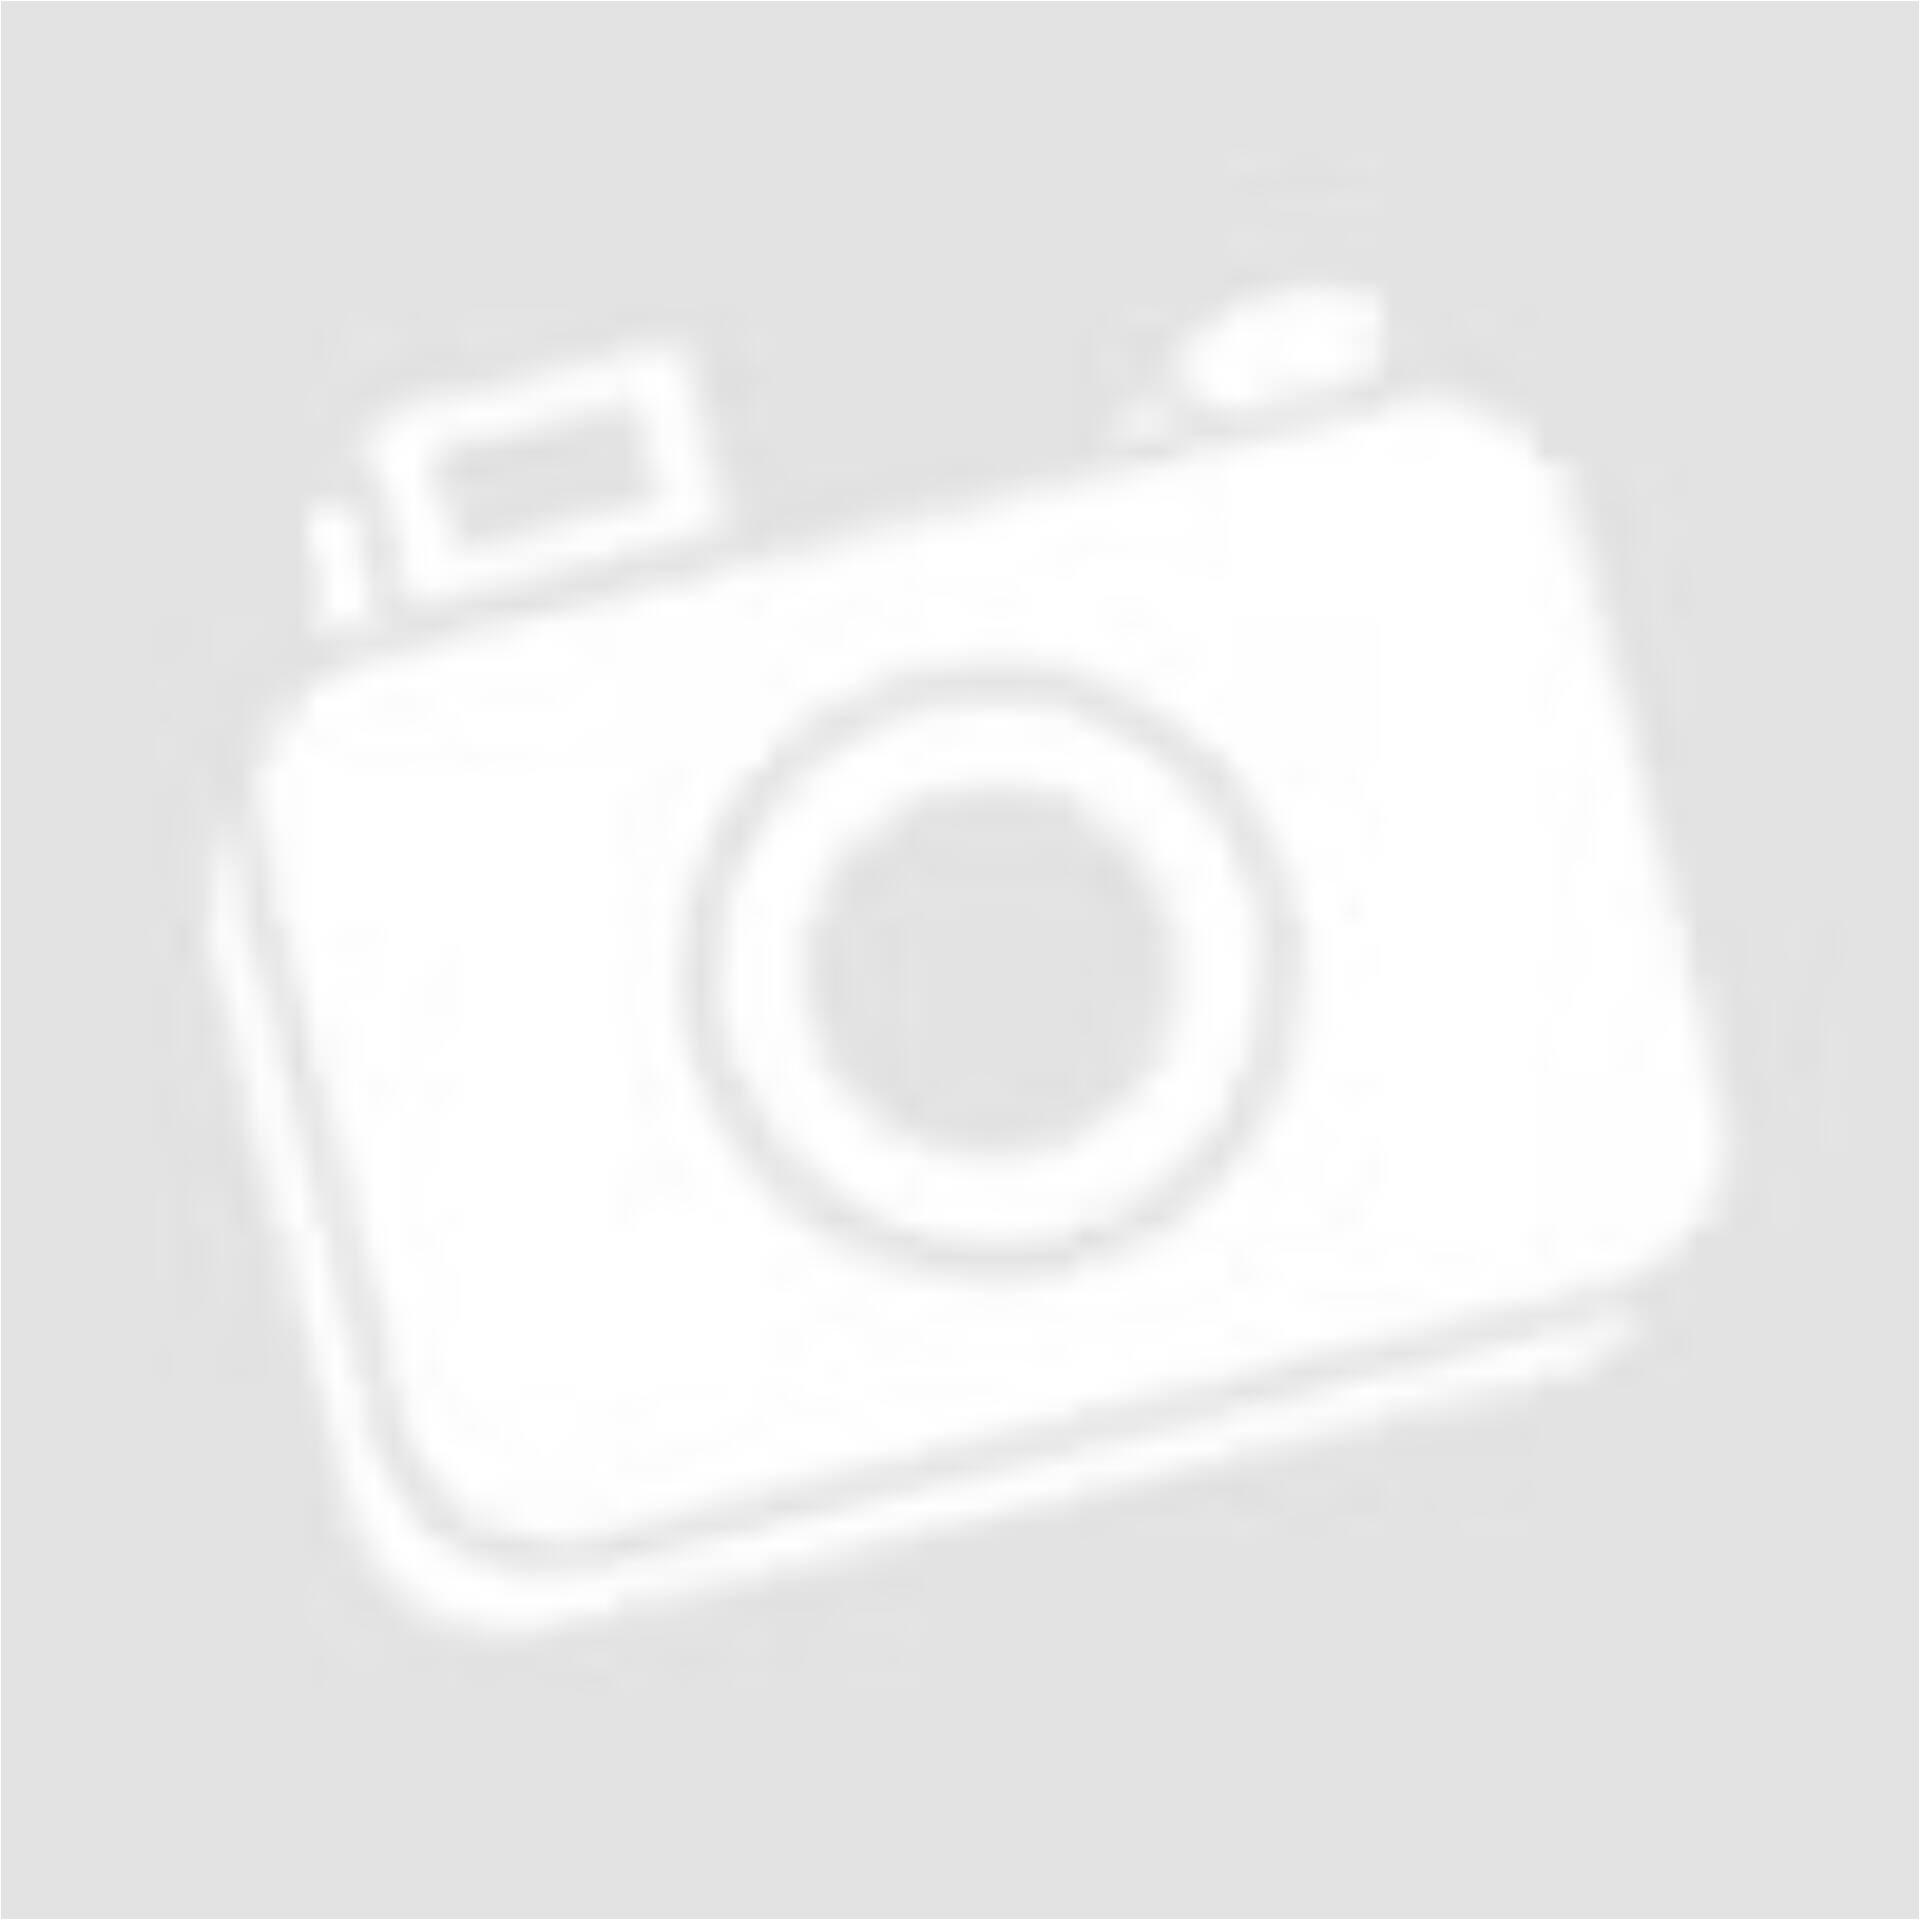 beb7ebfc03 GLAMOROUS fekete színű lakk szoknya (Méret: XL) - Szoknya - Öltözz ...